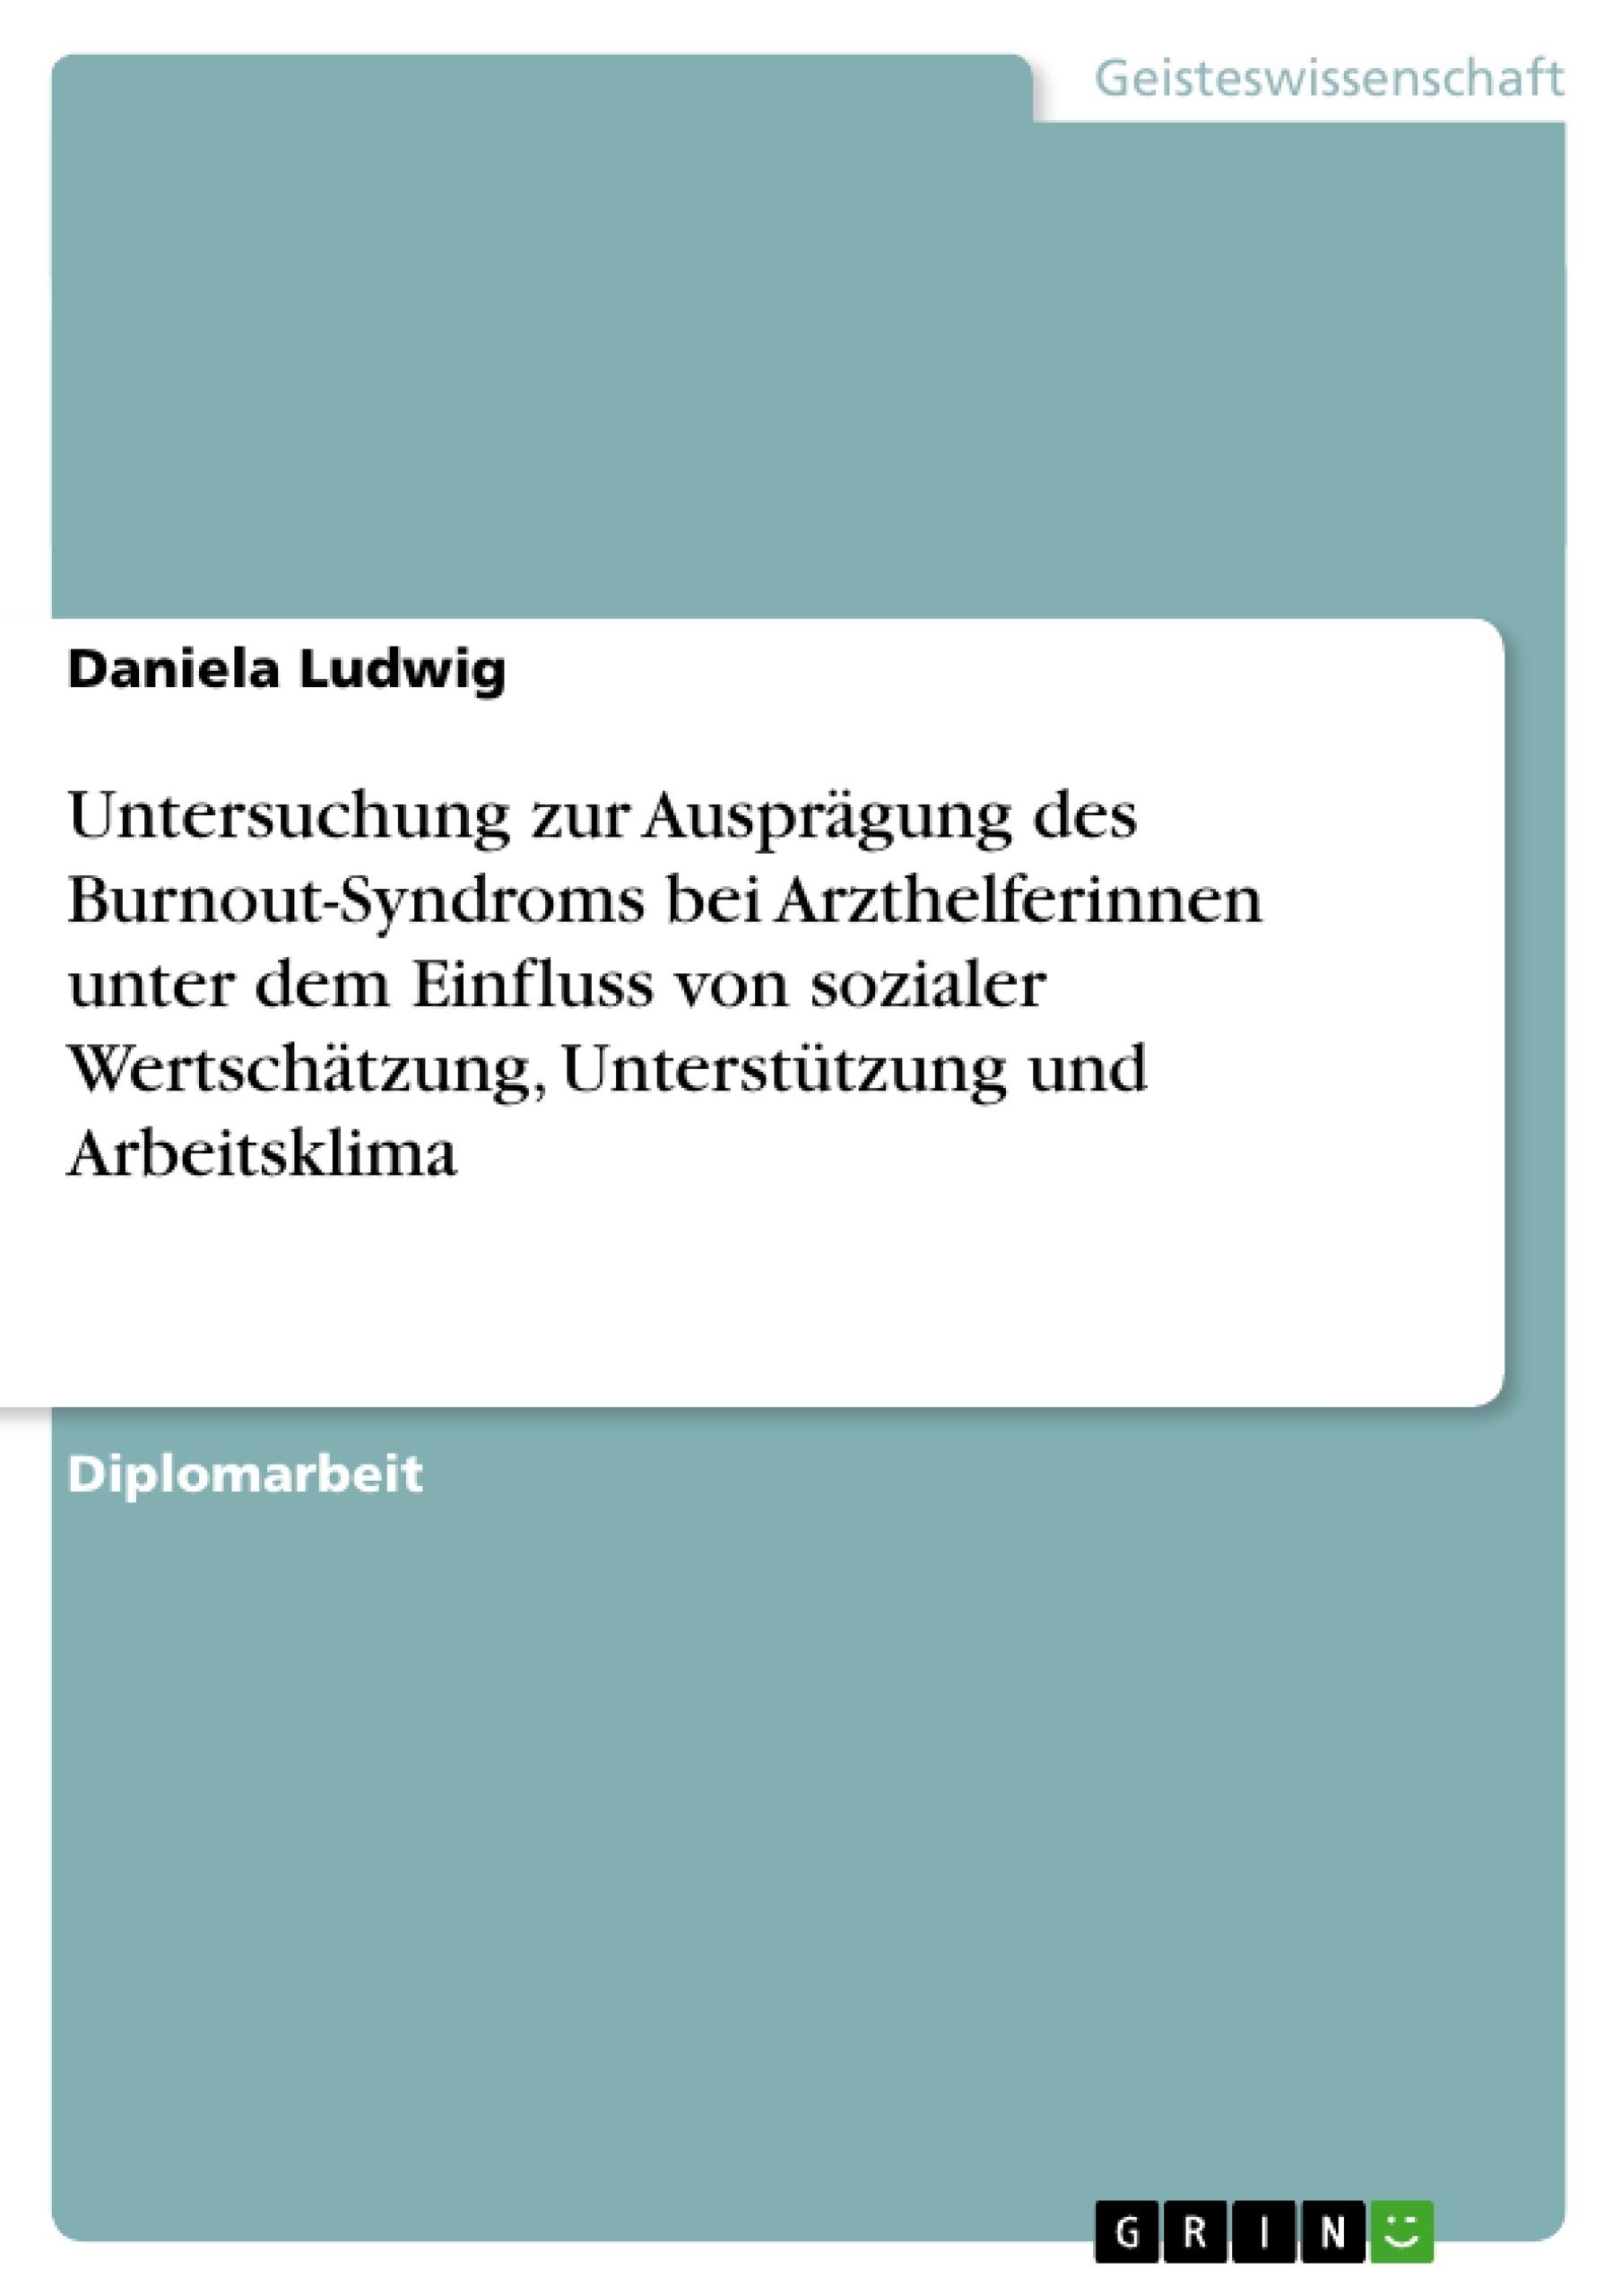 Titel: Untersuchung zur Ausprägung des Burnout-Syndroms bei Arzthelferinnen unter dem Einfluss von sozialer Wertschätzung, Unterstützung und Arbeitsklima